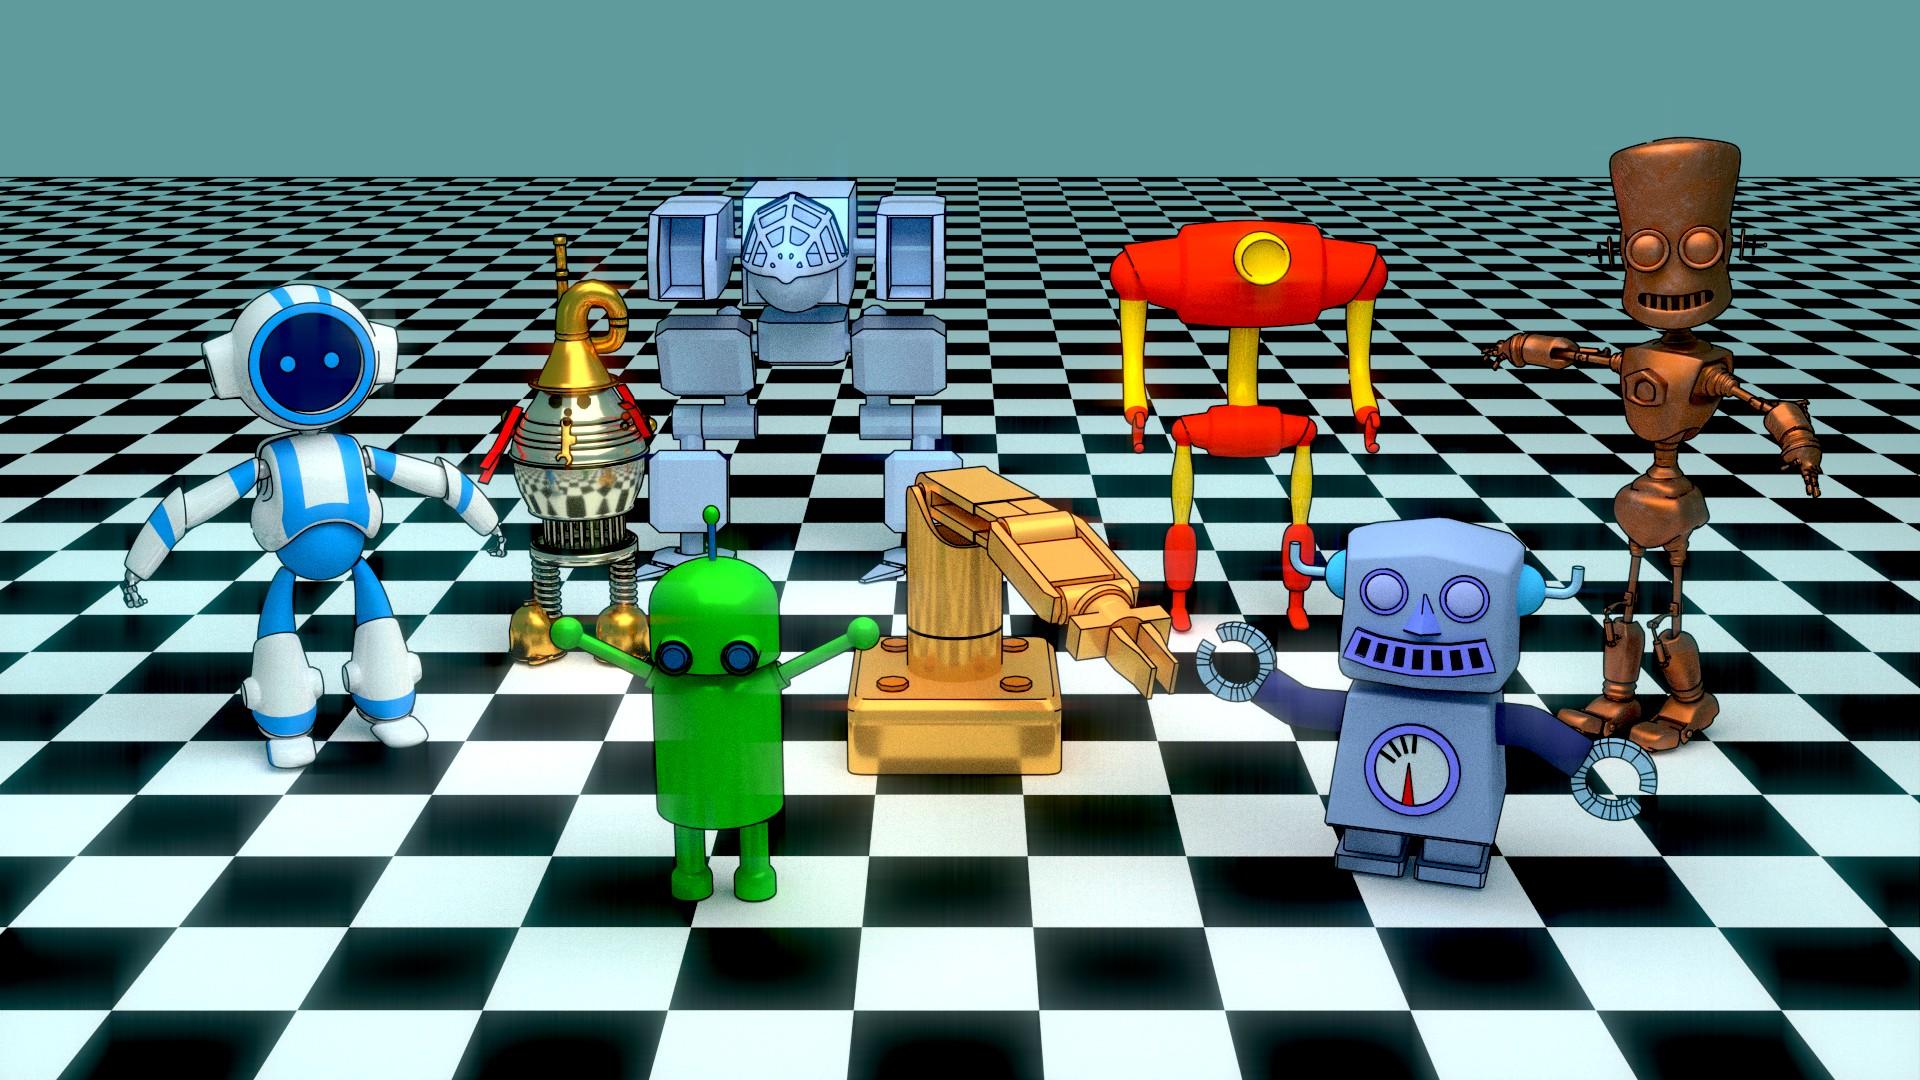 Robots Blender-conjunto_robots4.jpg